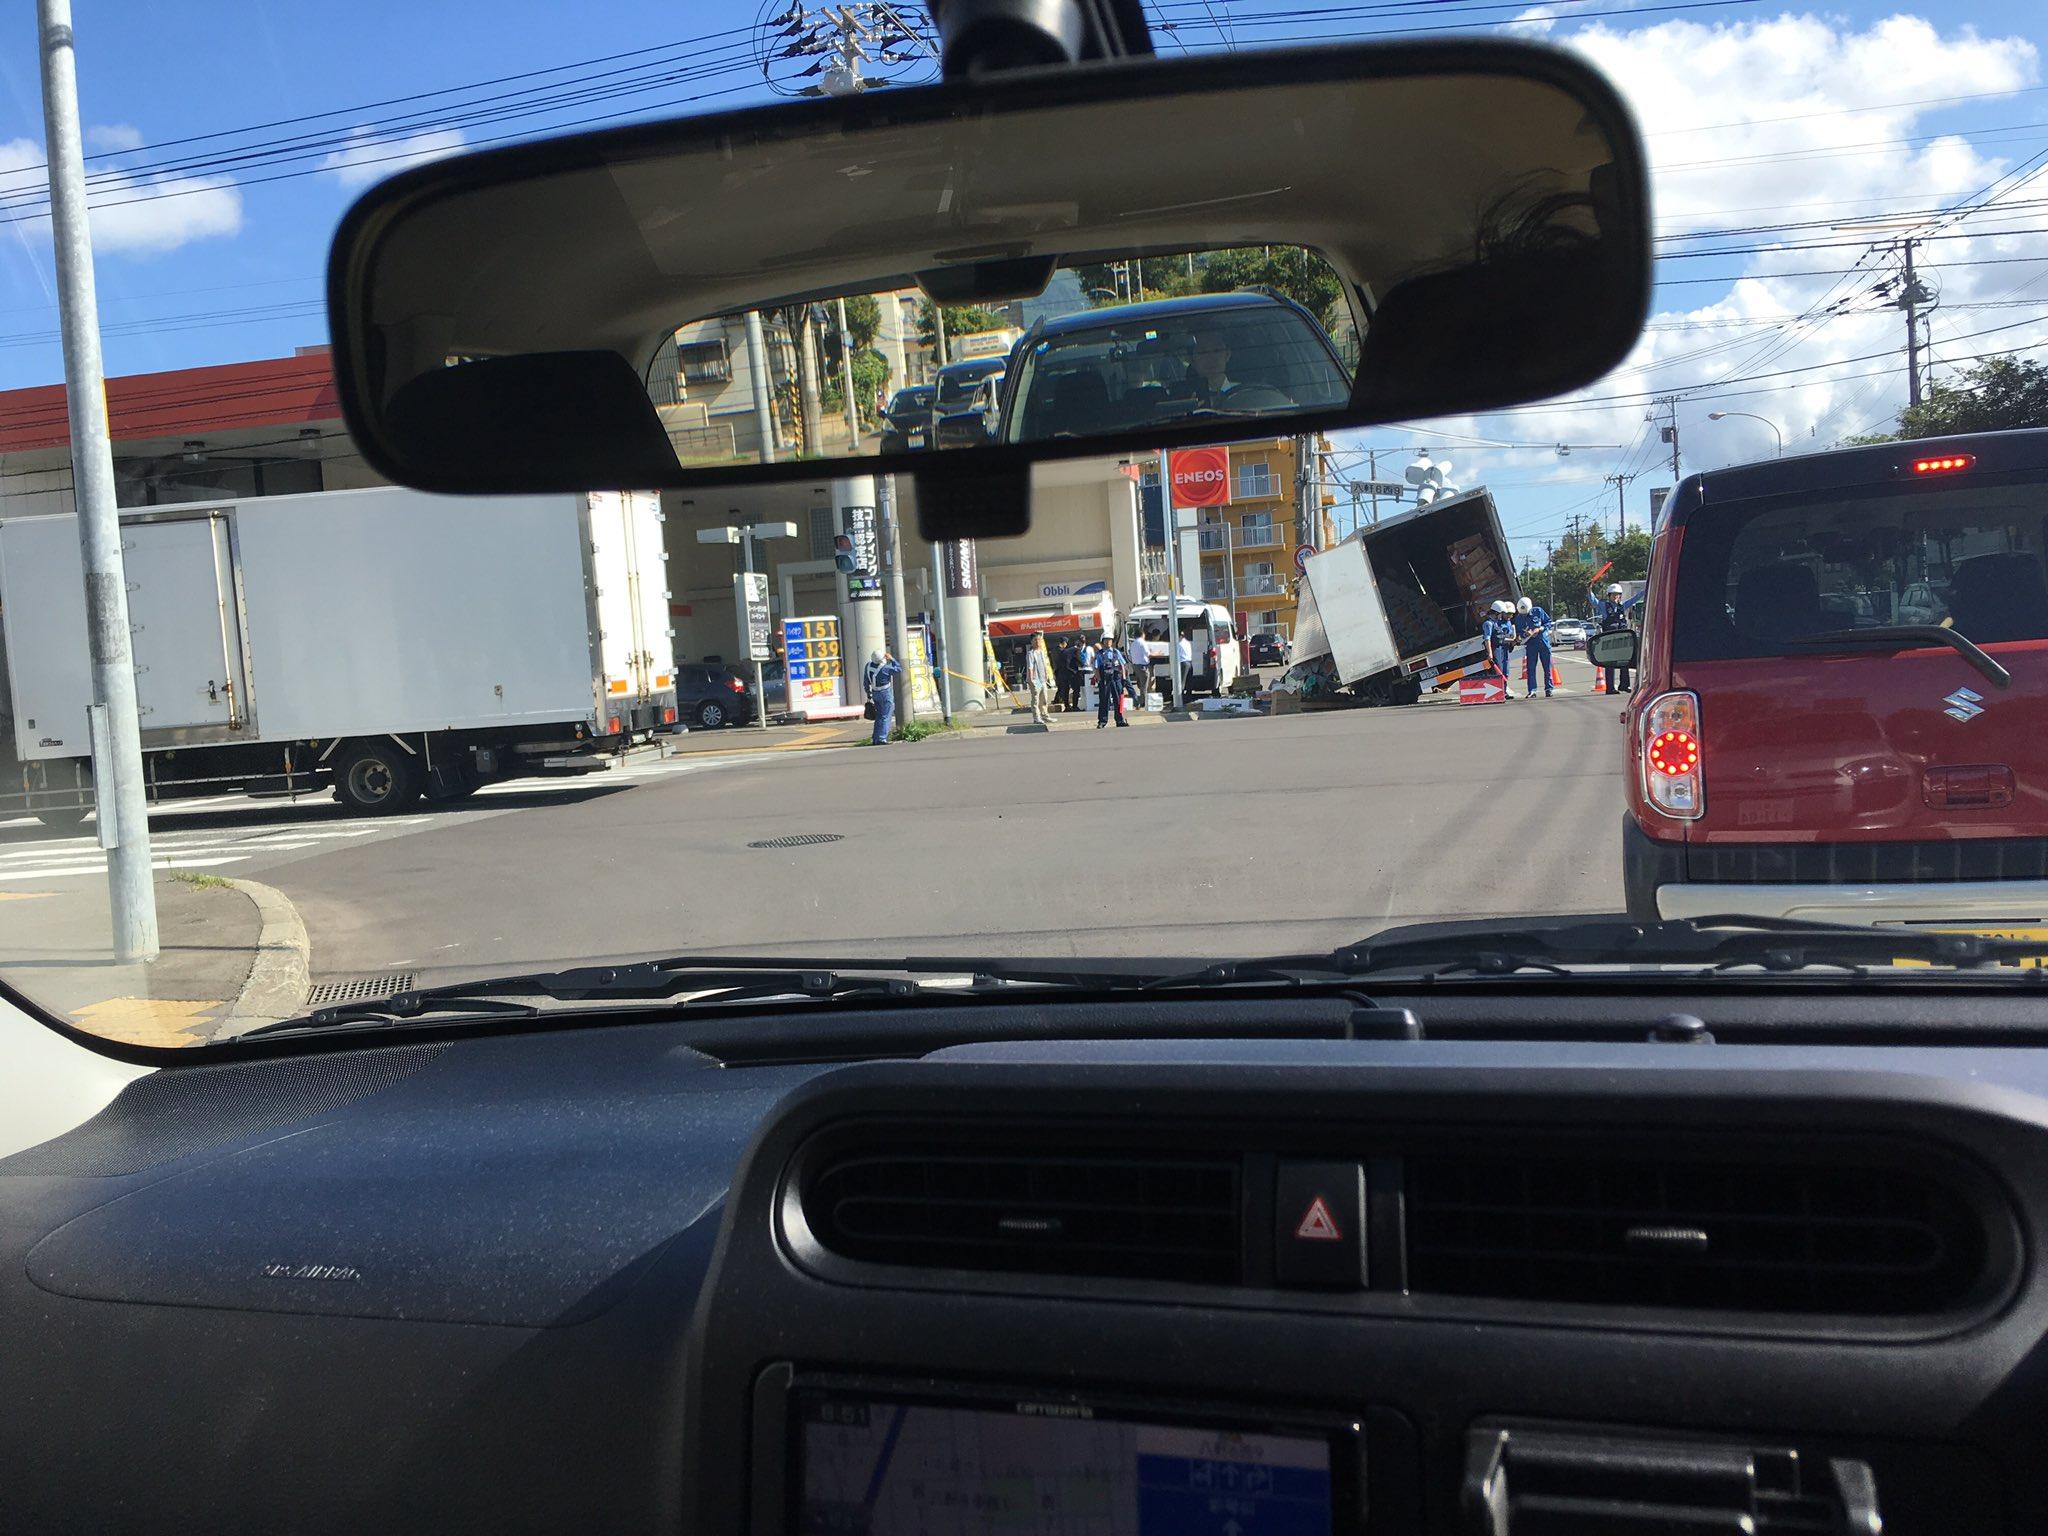 画像,道路混んでると思ったらやばい事故。 https://t.co/voV74XKzyw。